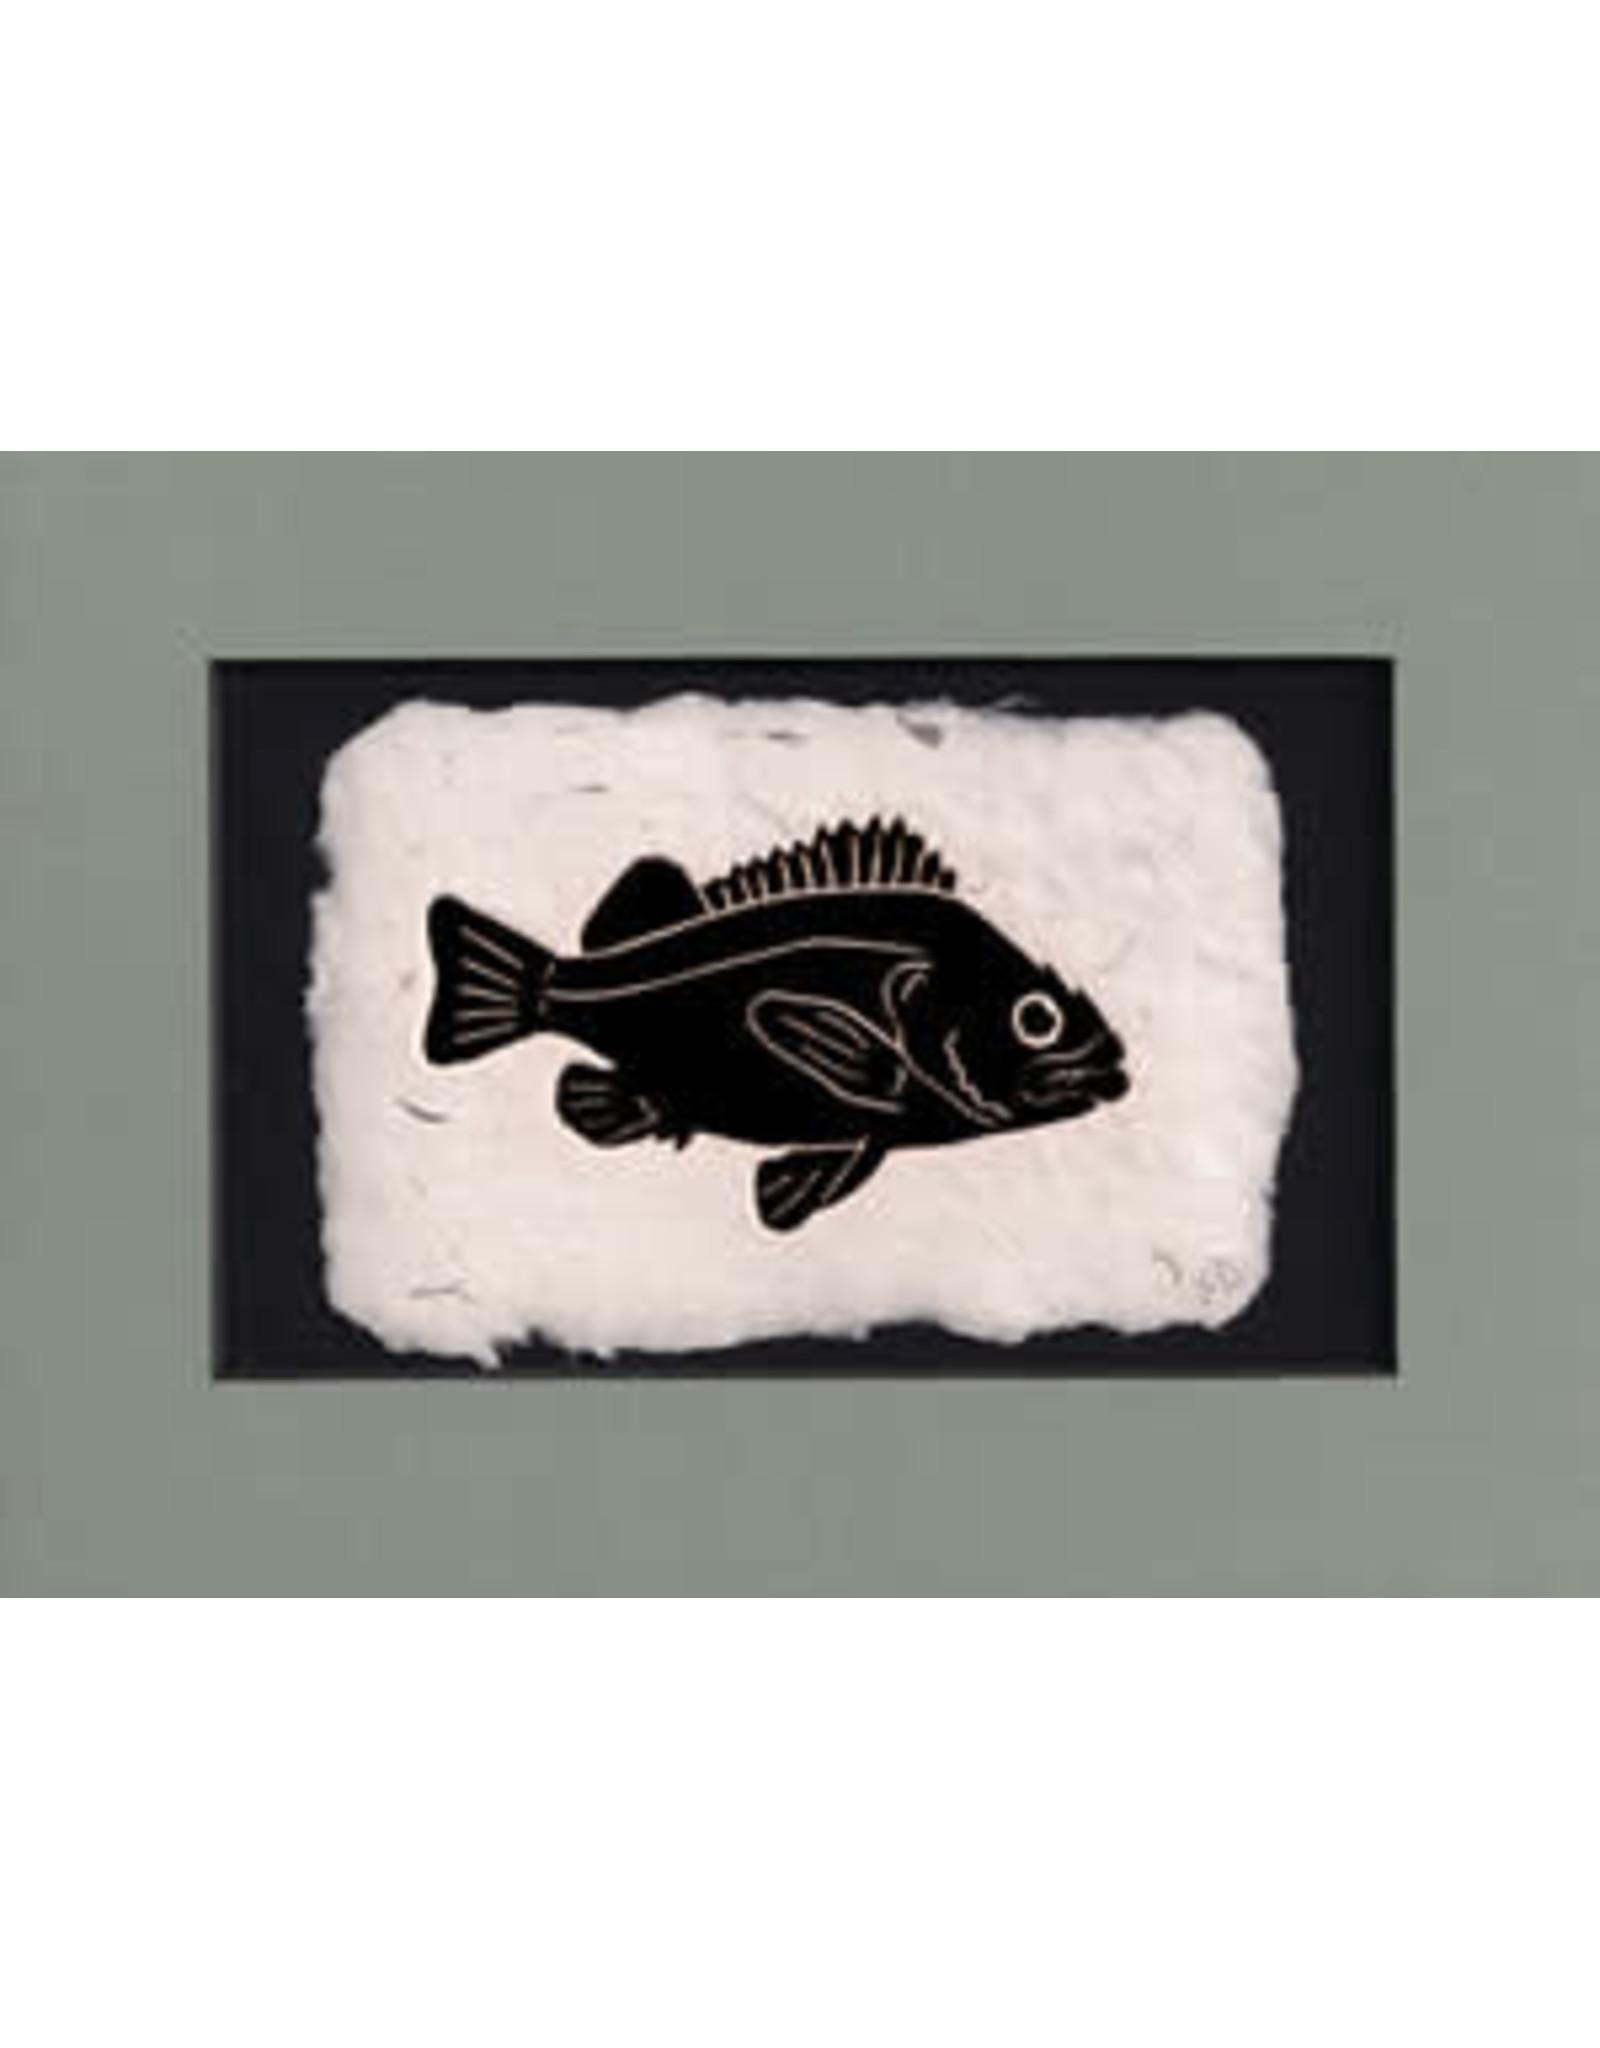 KB's Handmade Creations Rockfish (framed) | Karen Beason